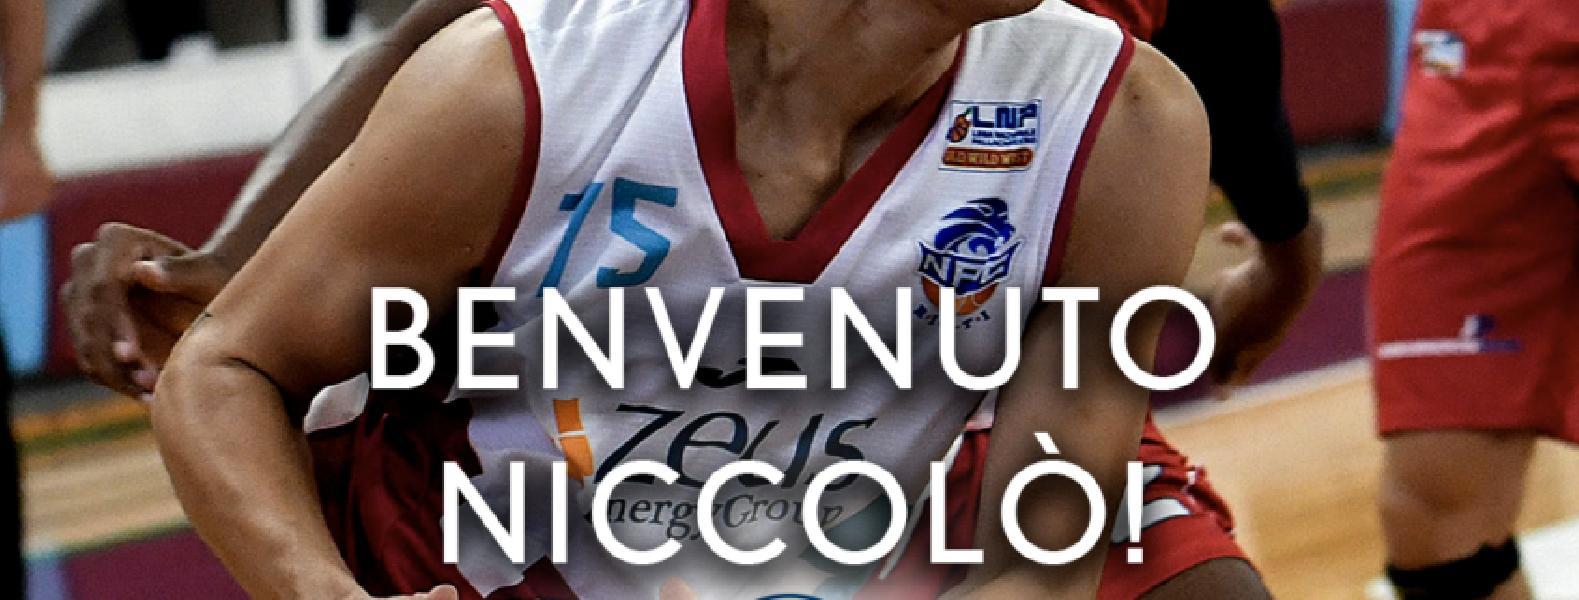 https://www.basketmarche.it/immagini_articoli/09-07-2020/ufficiale-niccol-filoni-giocatore-kleb-basket-ferrara-600.jpg